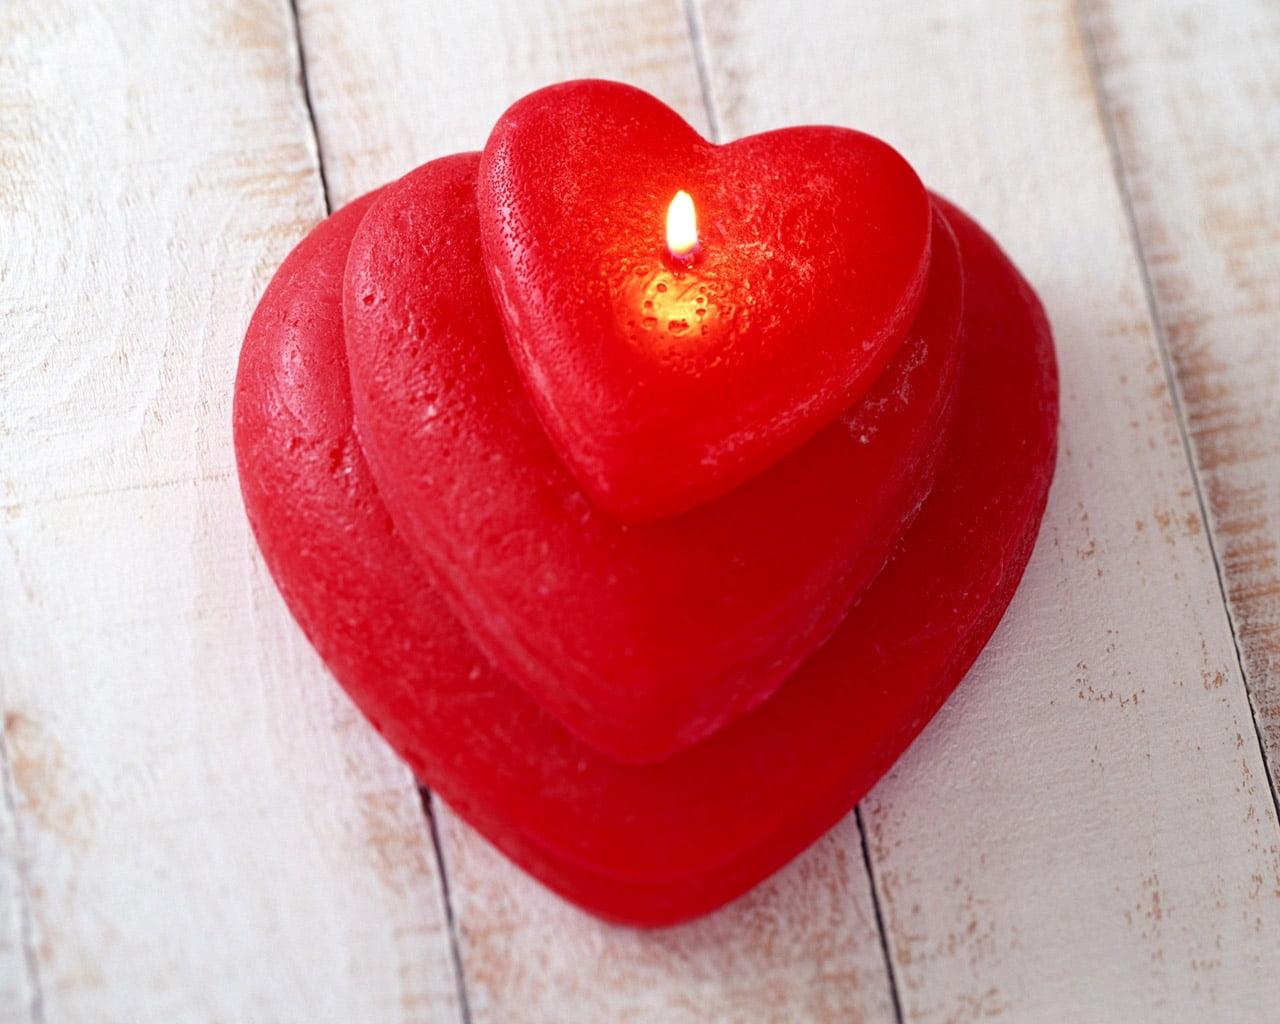 صورة رمز قلب , اشكال قلوب جديده ومختلفه